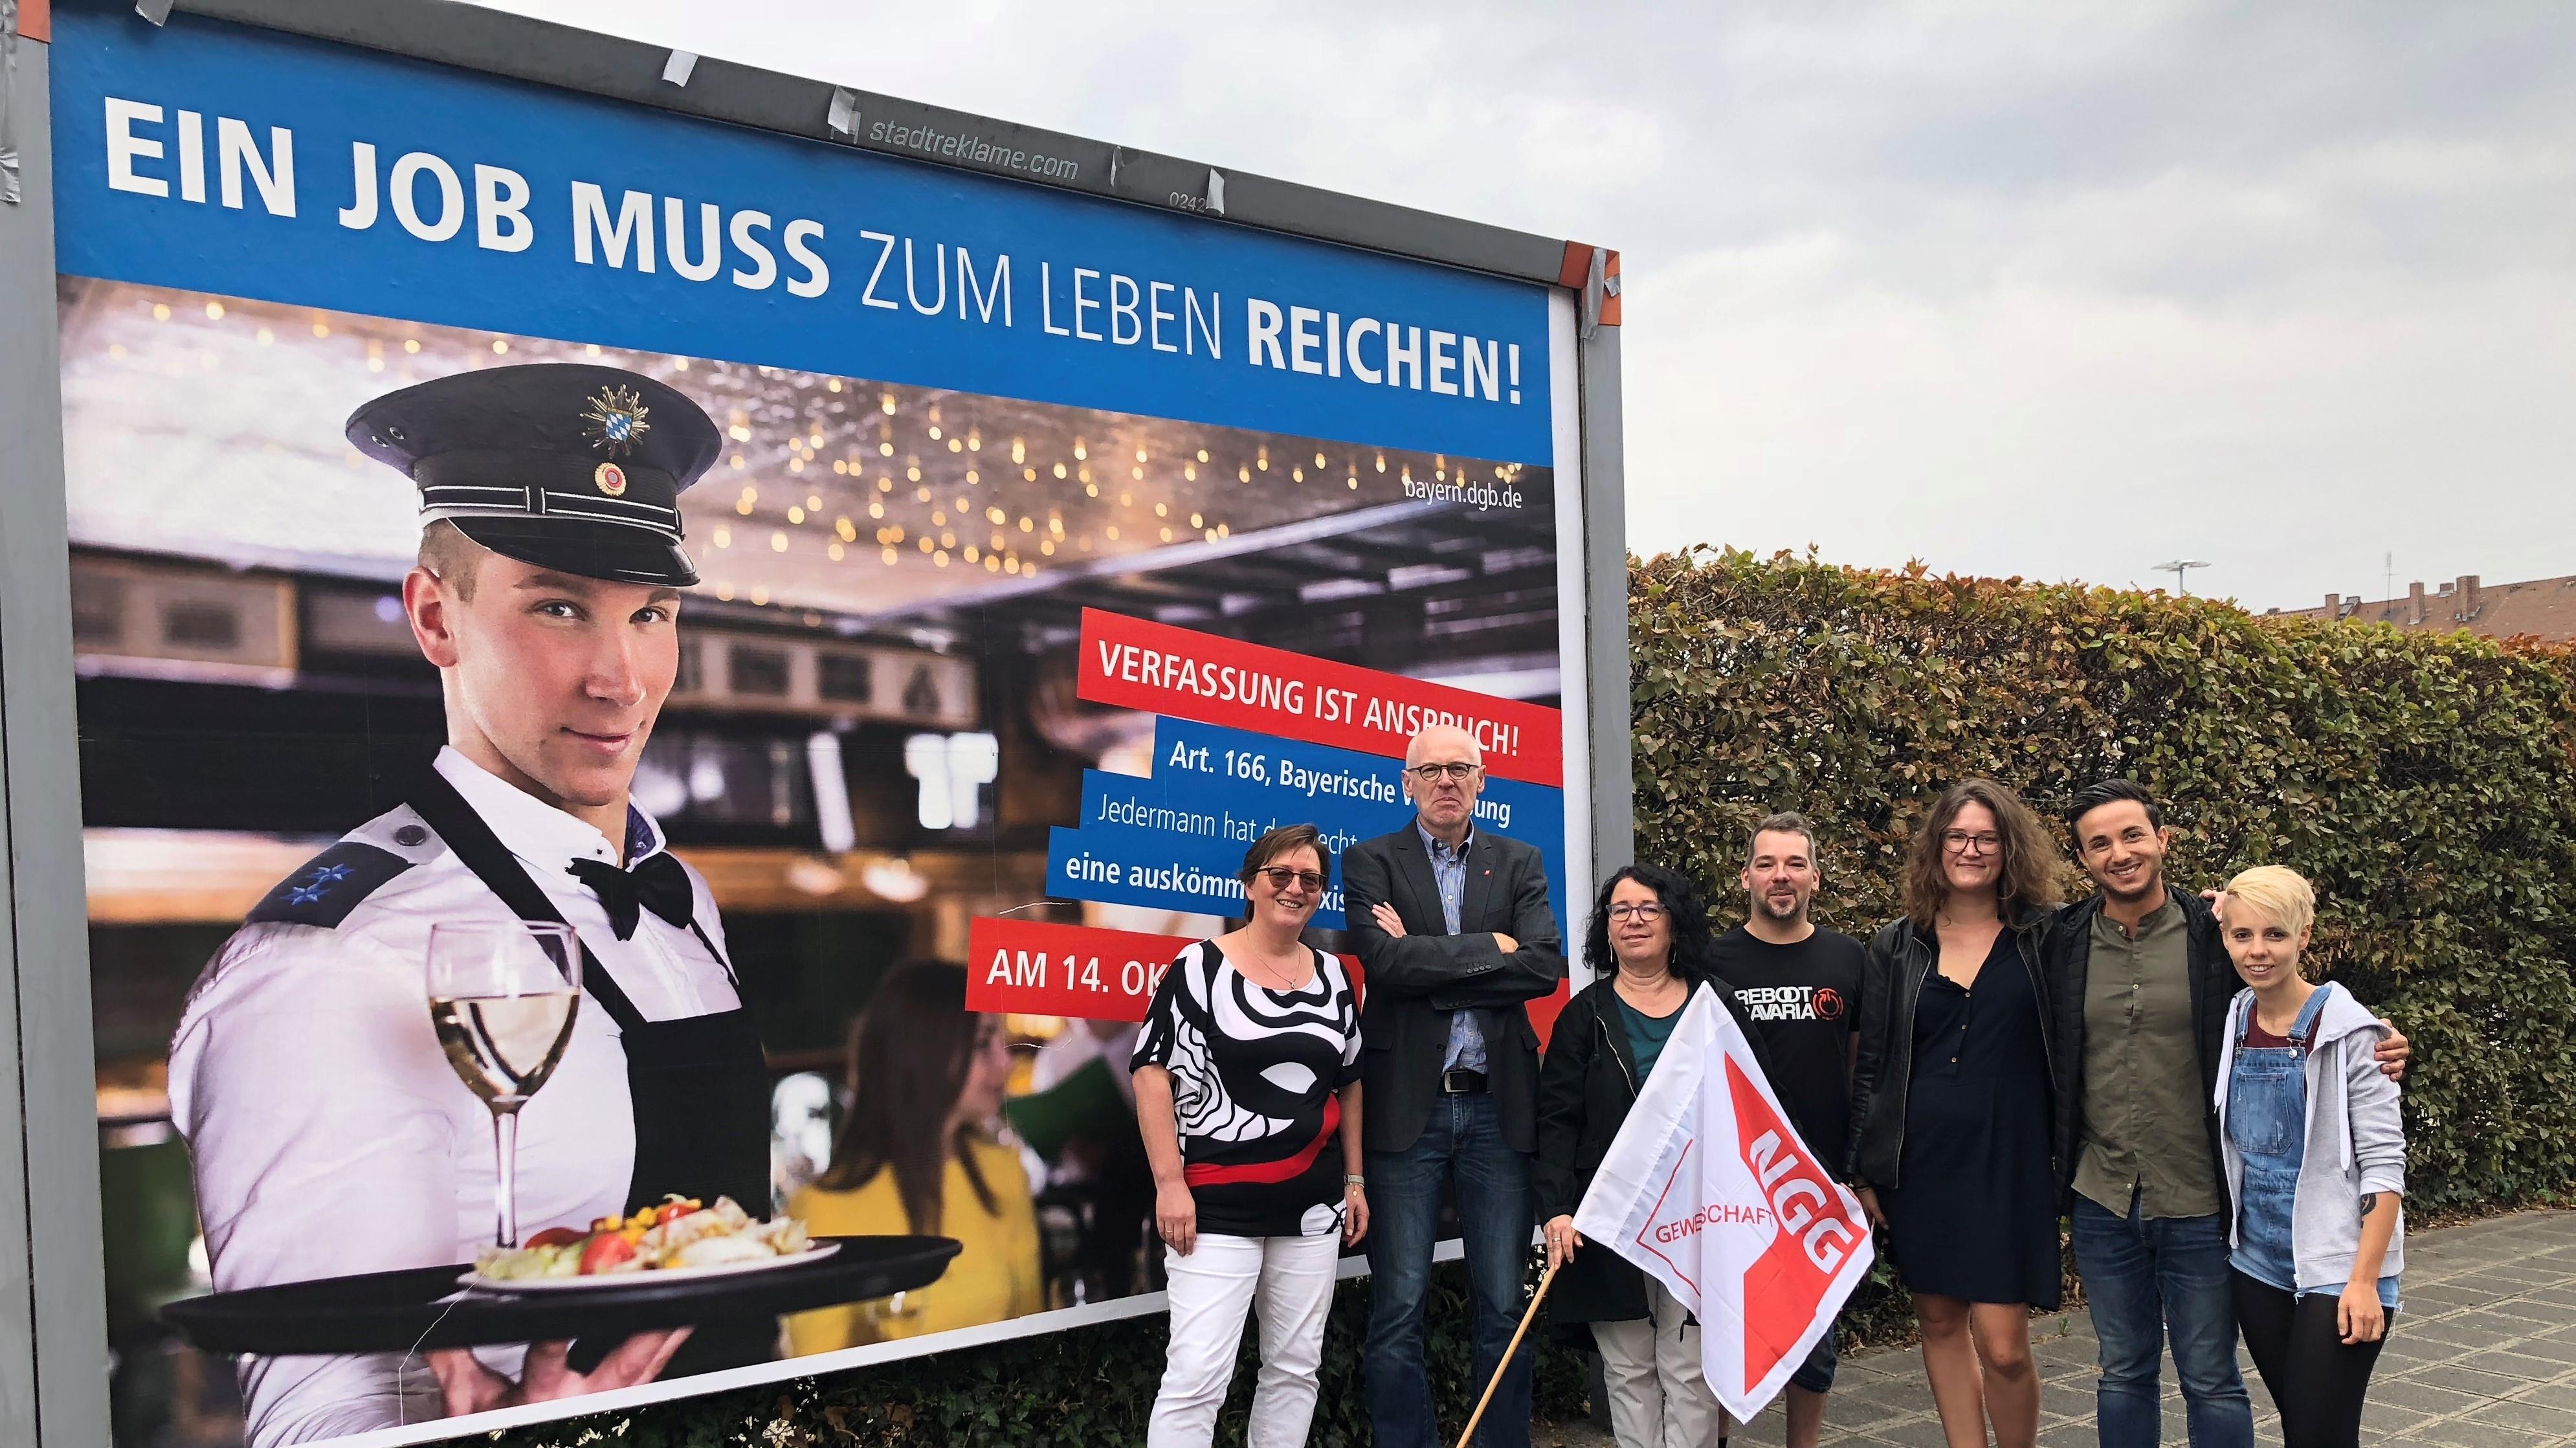 """Gewerkschafter stehen vor einem Plakat mit Schriftzug """"Ein Job muss zum Leben reichen!"""""""